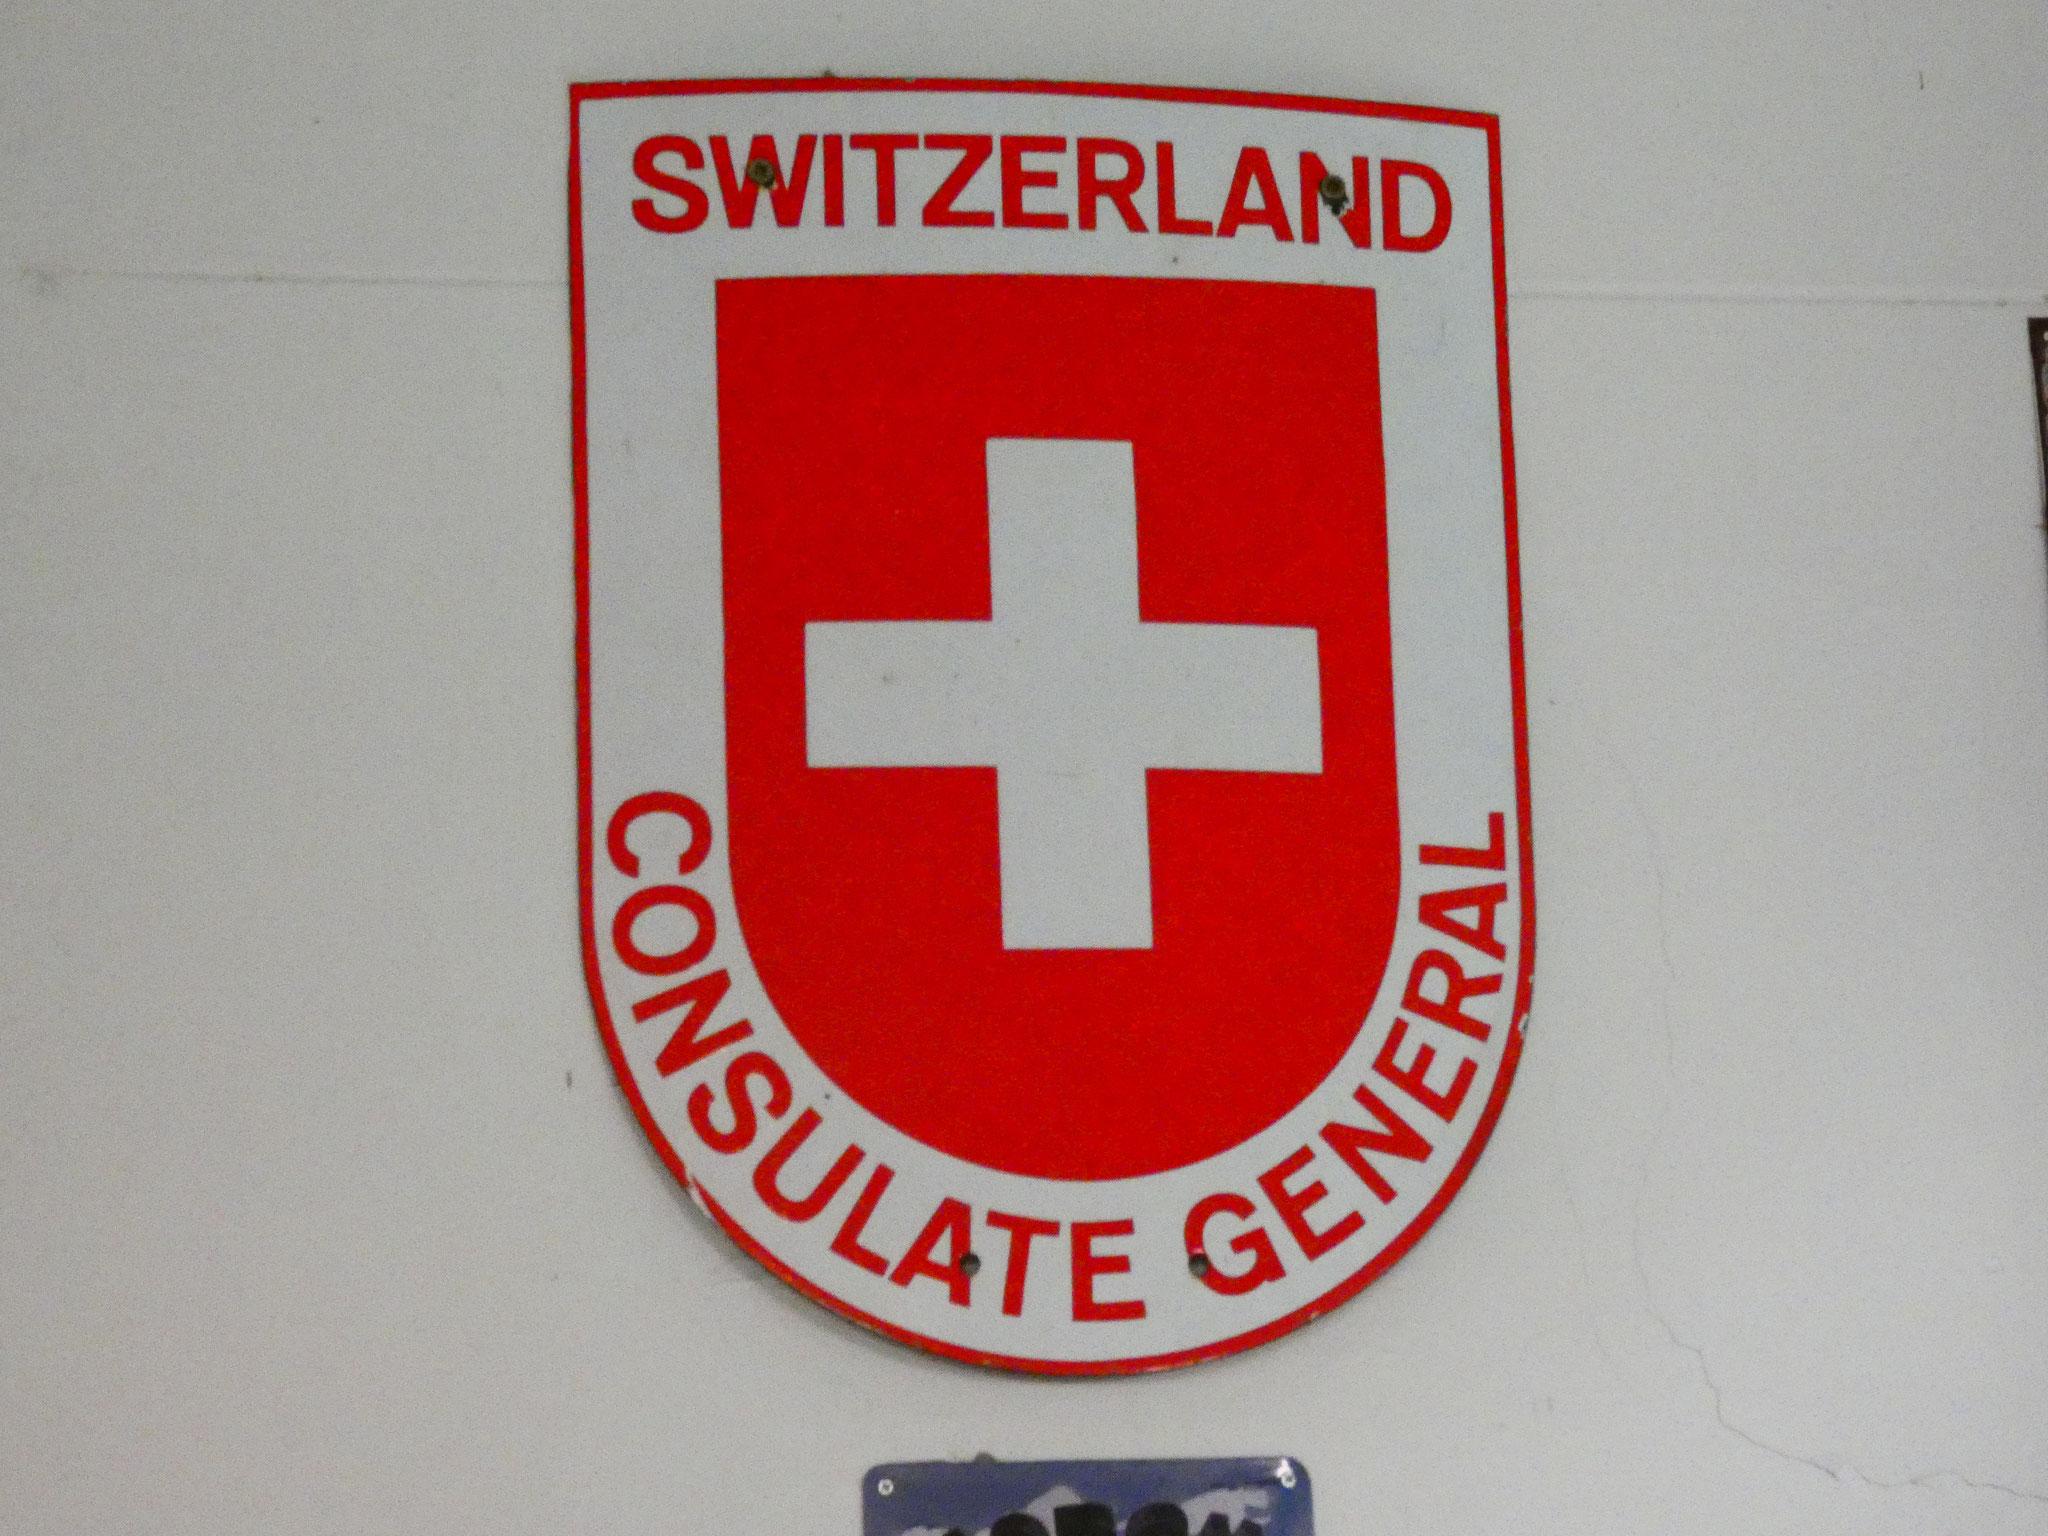 auch die Schweiz ist vertreten!